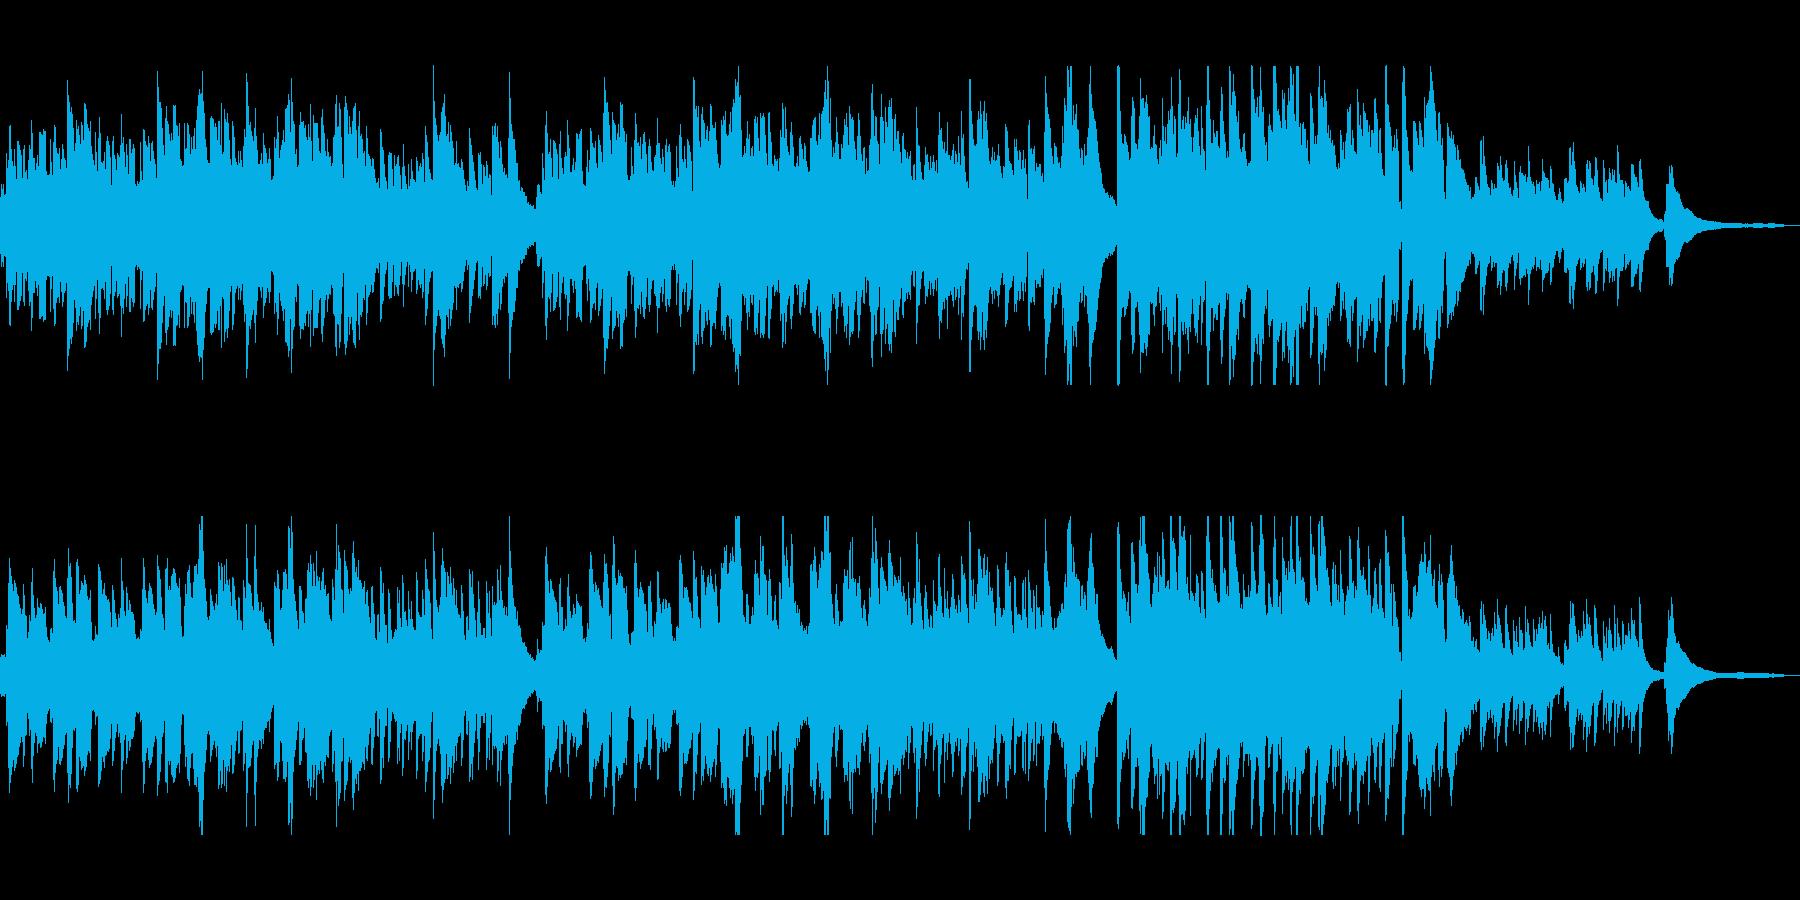 ピアノと金属音がマッチングしたポップスの再生済みの波形